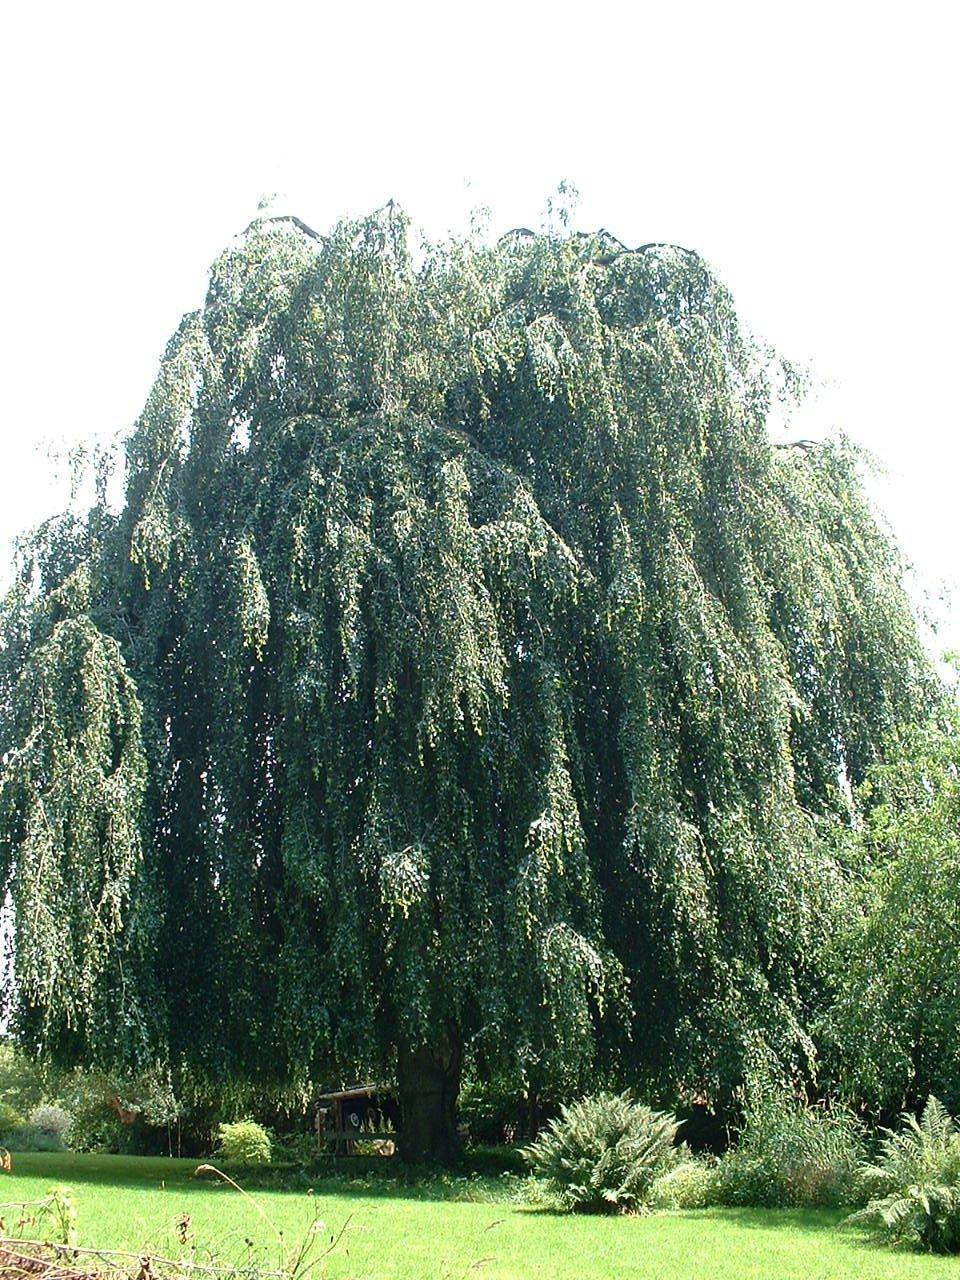 Hêtre pleureur – Watermael-Boitsfort, Avenue des Taillis, 17 –  17 Juillet 2002